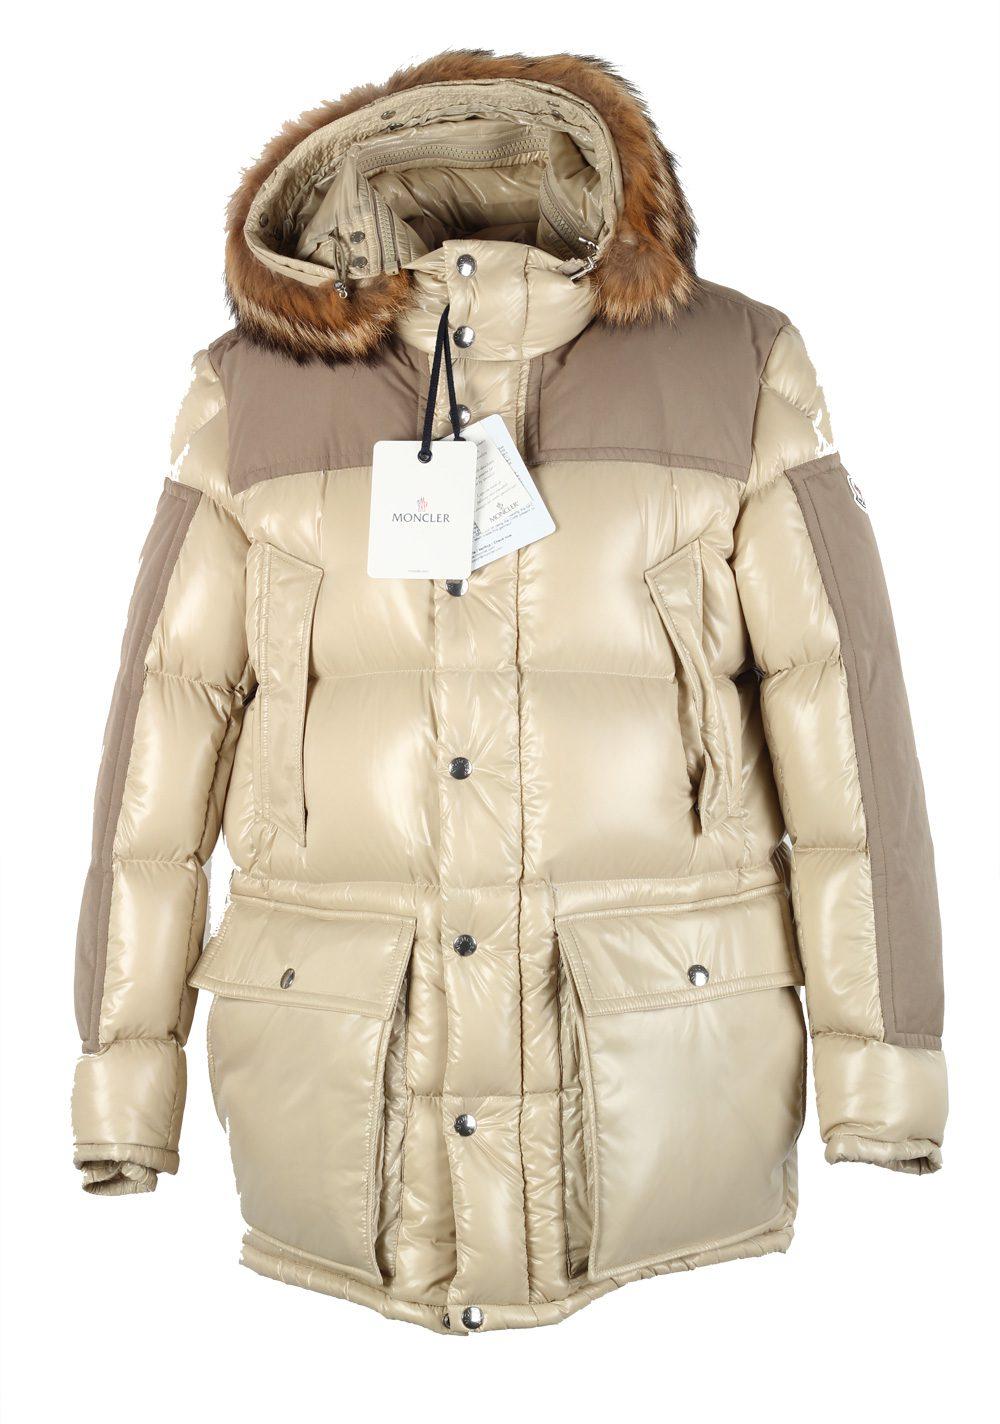 Moncler Beige Frey Down Quilted Jacket Coat Size 7 / XXL / 58 / 48 U.S. | Costume Limité